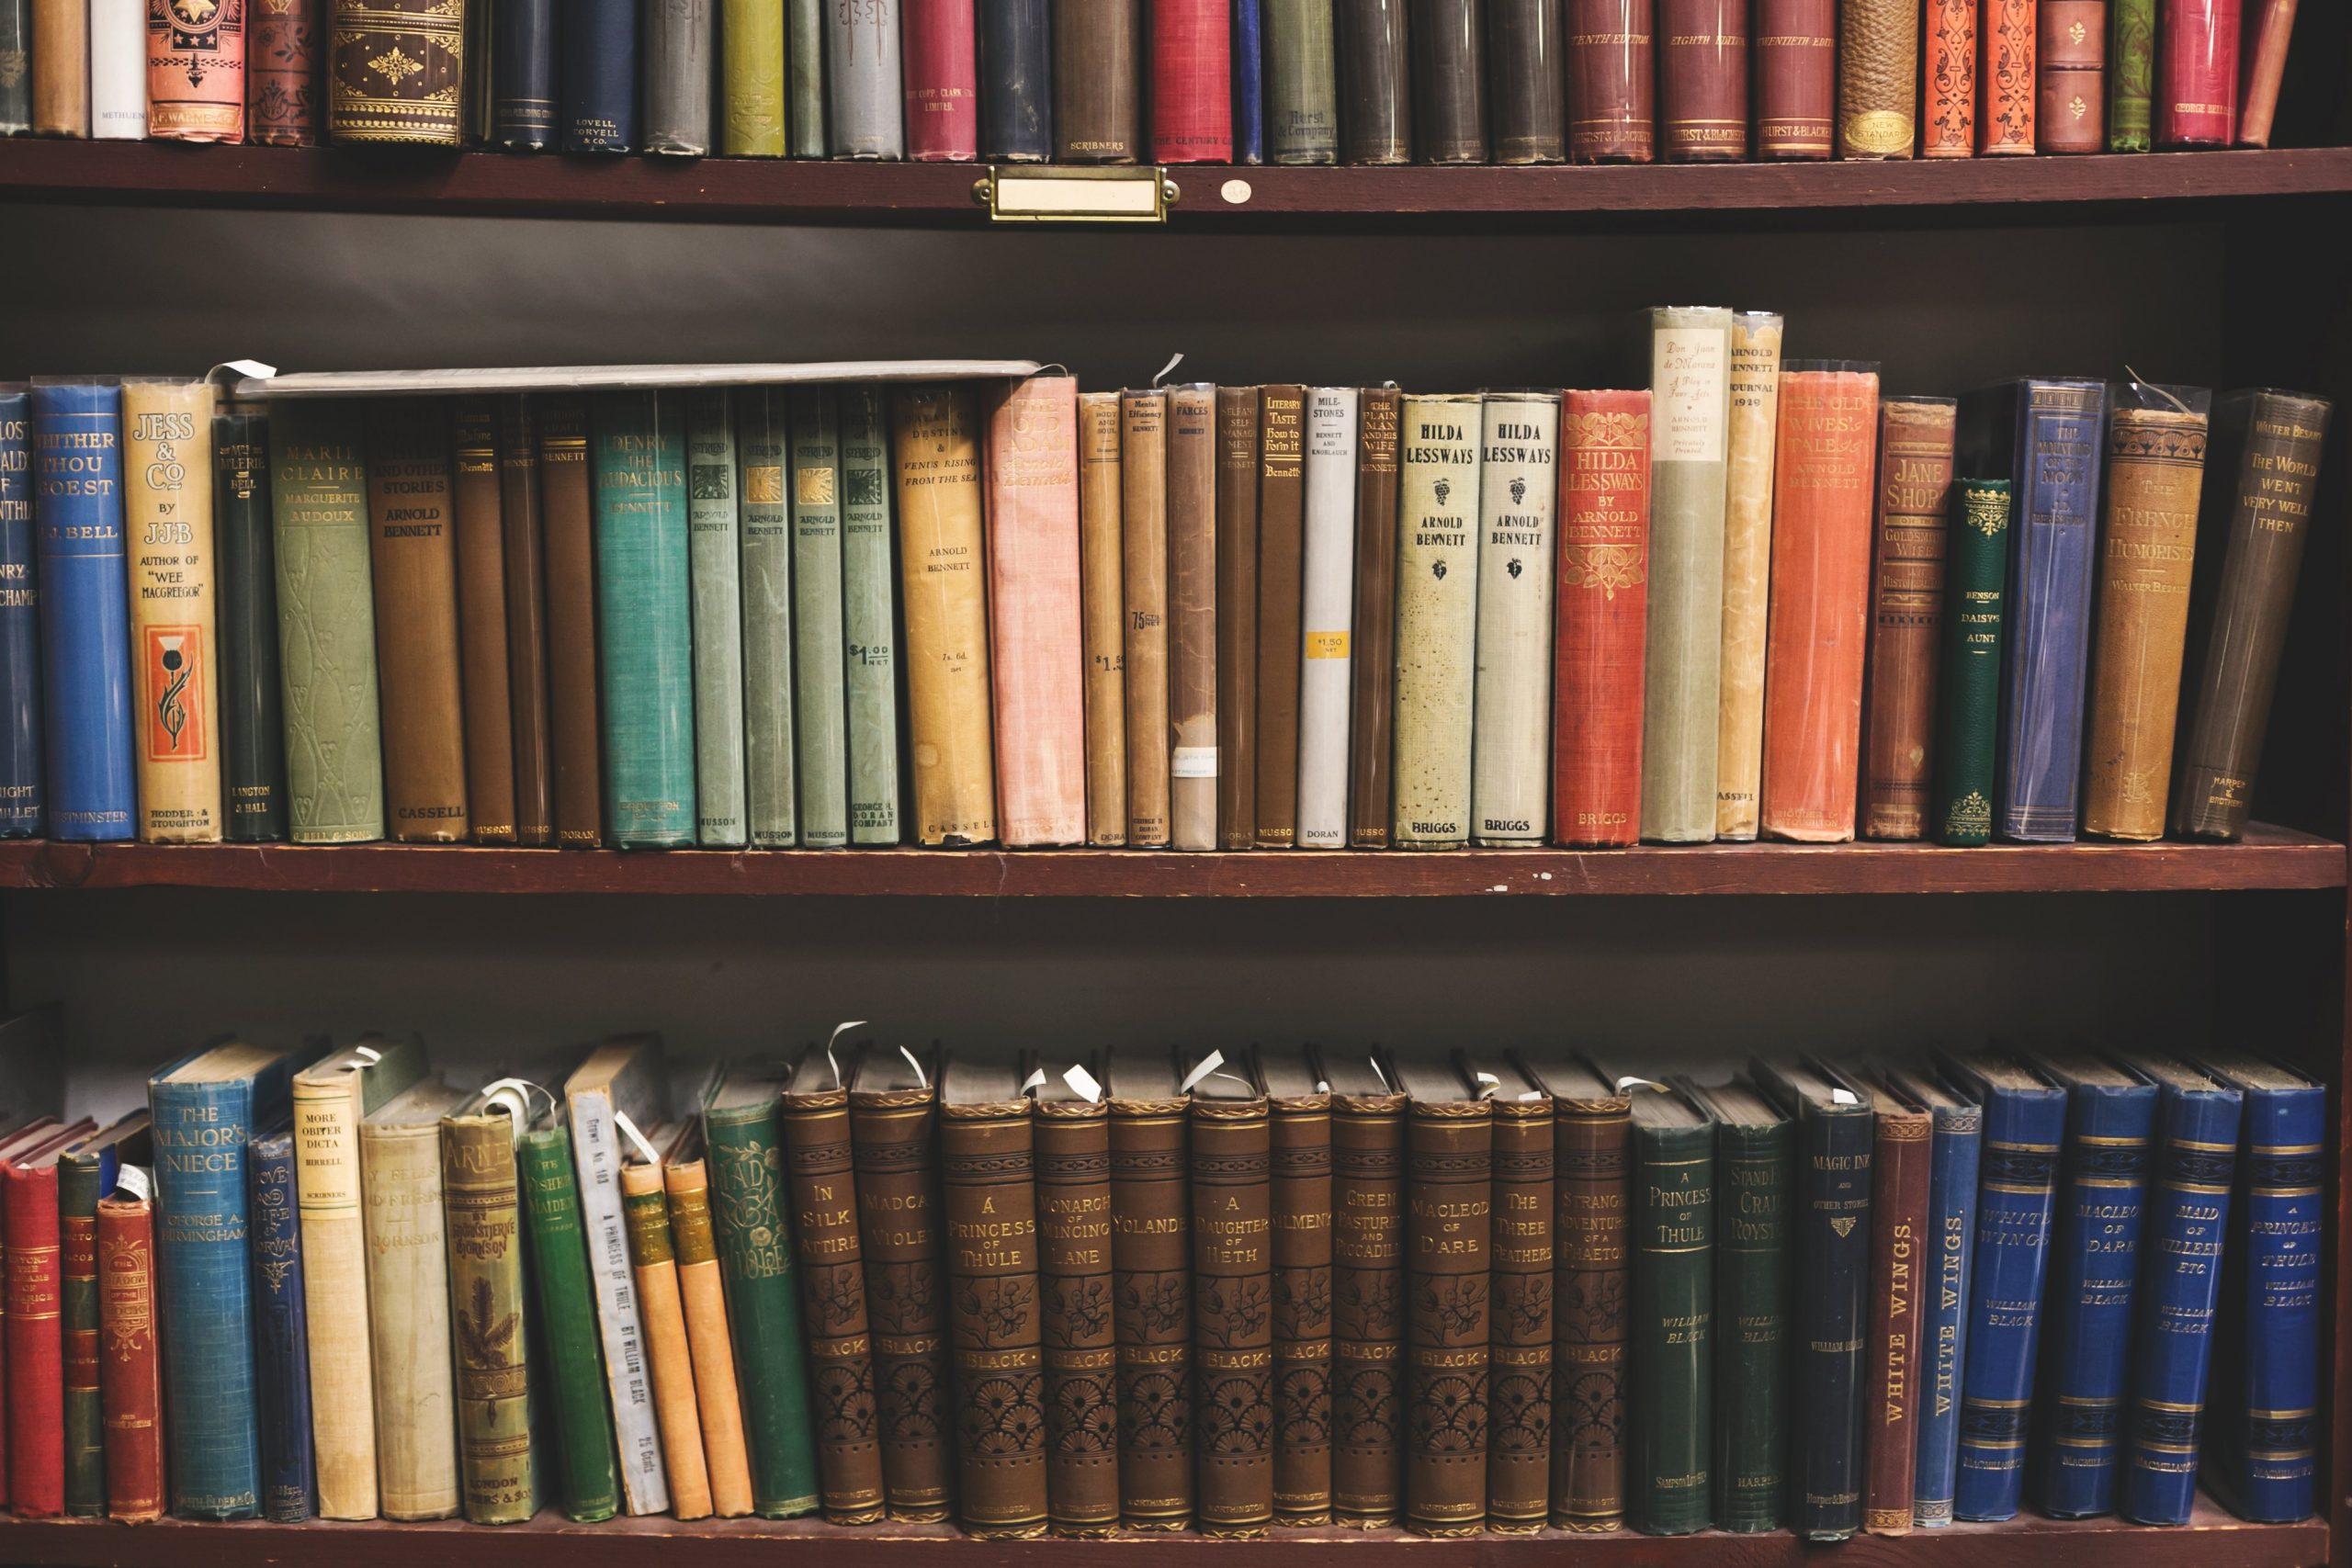 Bibliotecas, a nova estratégia dos hotéis para aumentarem receitas